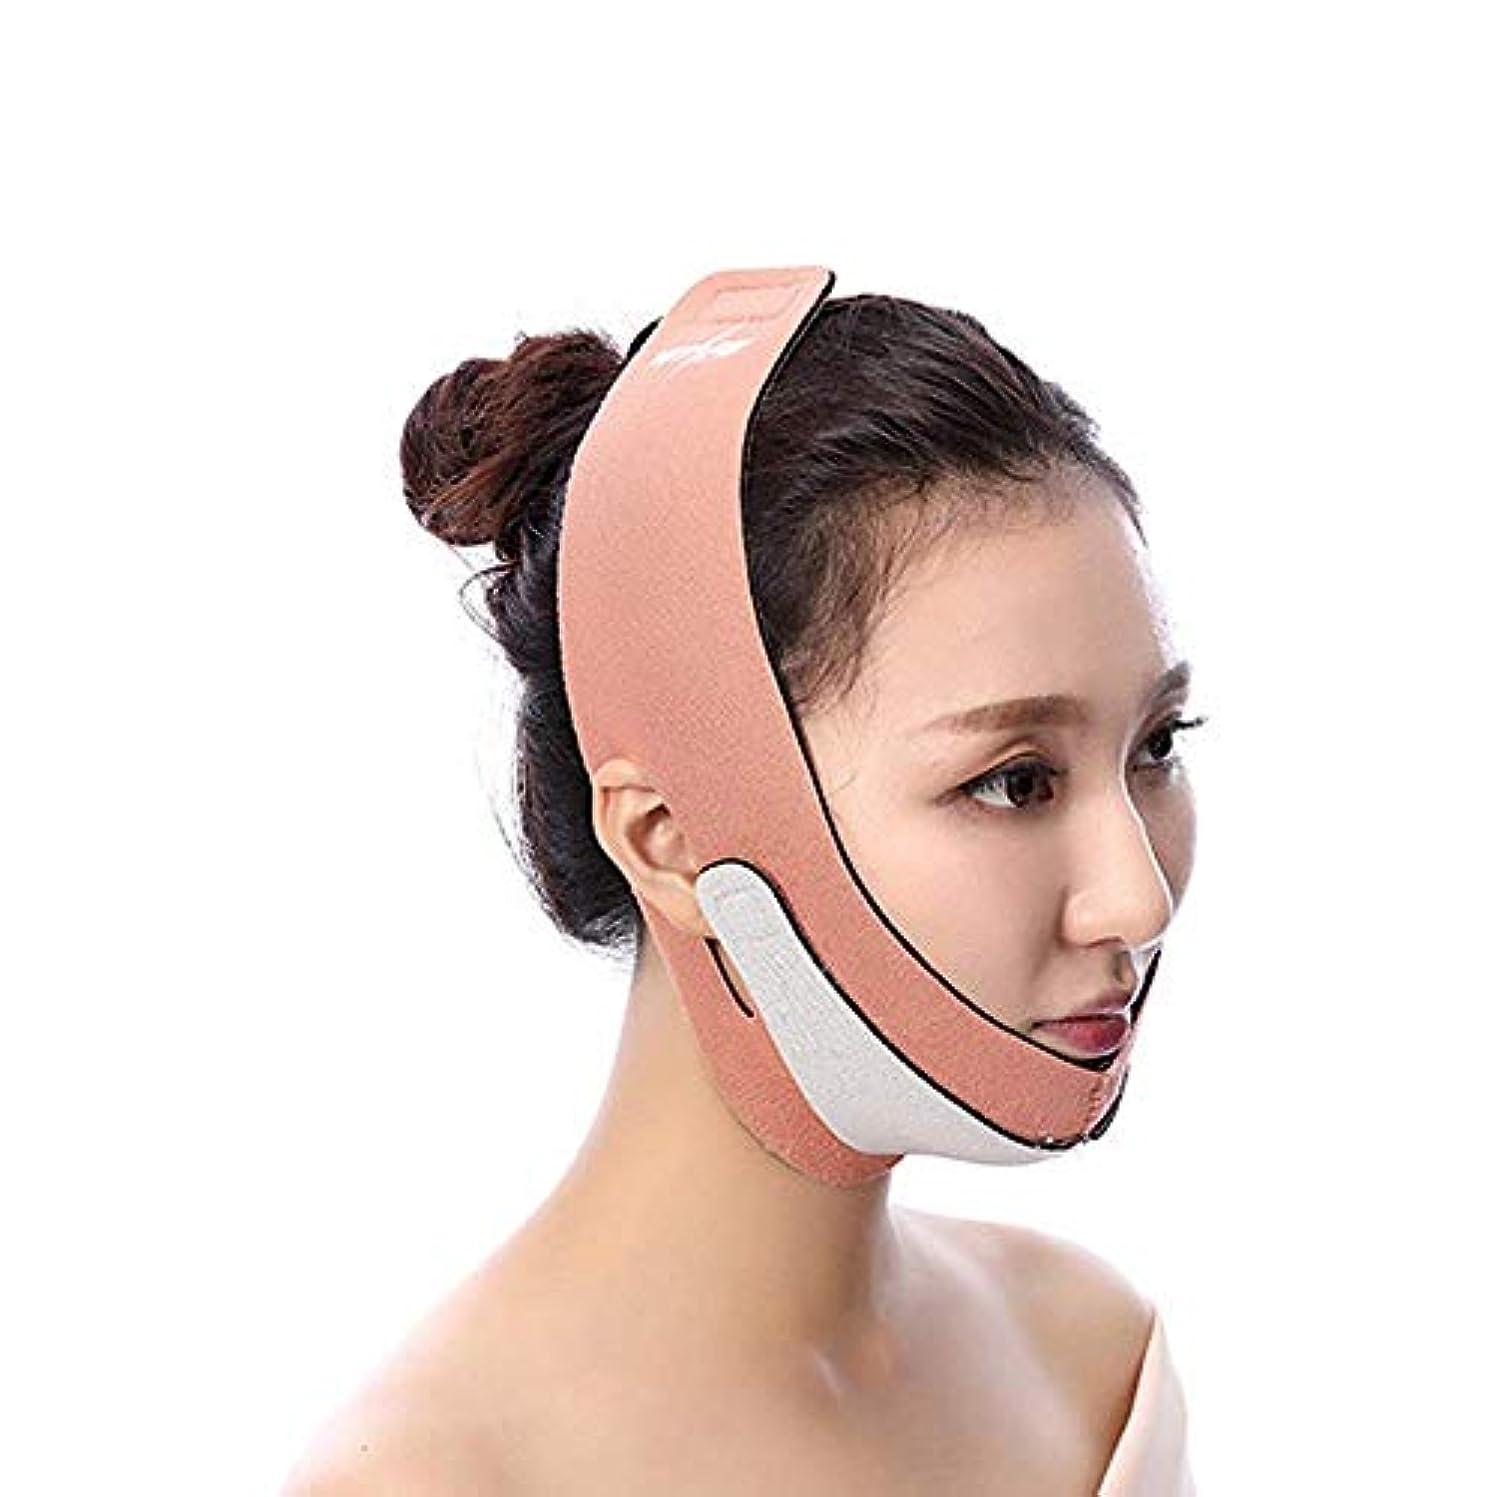 薄型フェイスマスク、フェイスリフティングに最適、フェイスバンドを持ち上げてスキン包帯を引き締める、チークチンリフティング、スキン包帯を引き締める(フリーサイズ)(カラー:オレンジ),オレンジ